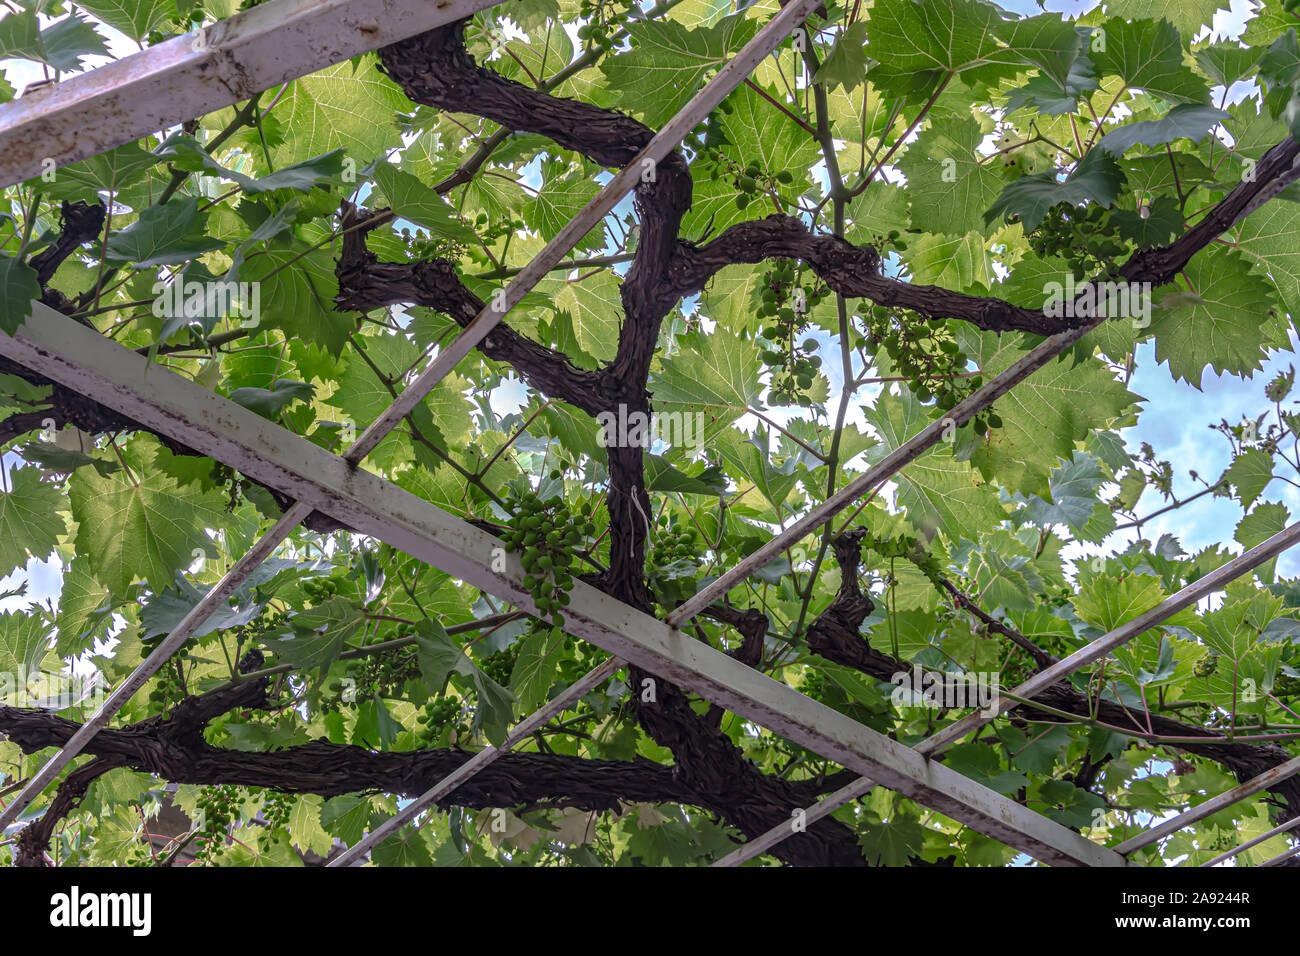 under the vine tree Stock Photo